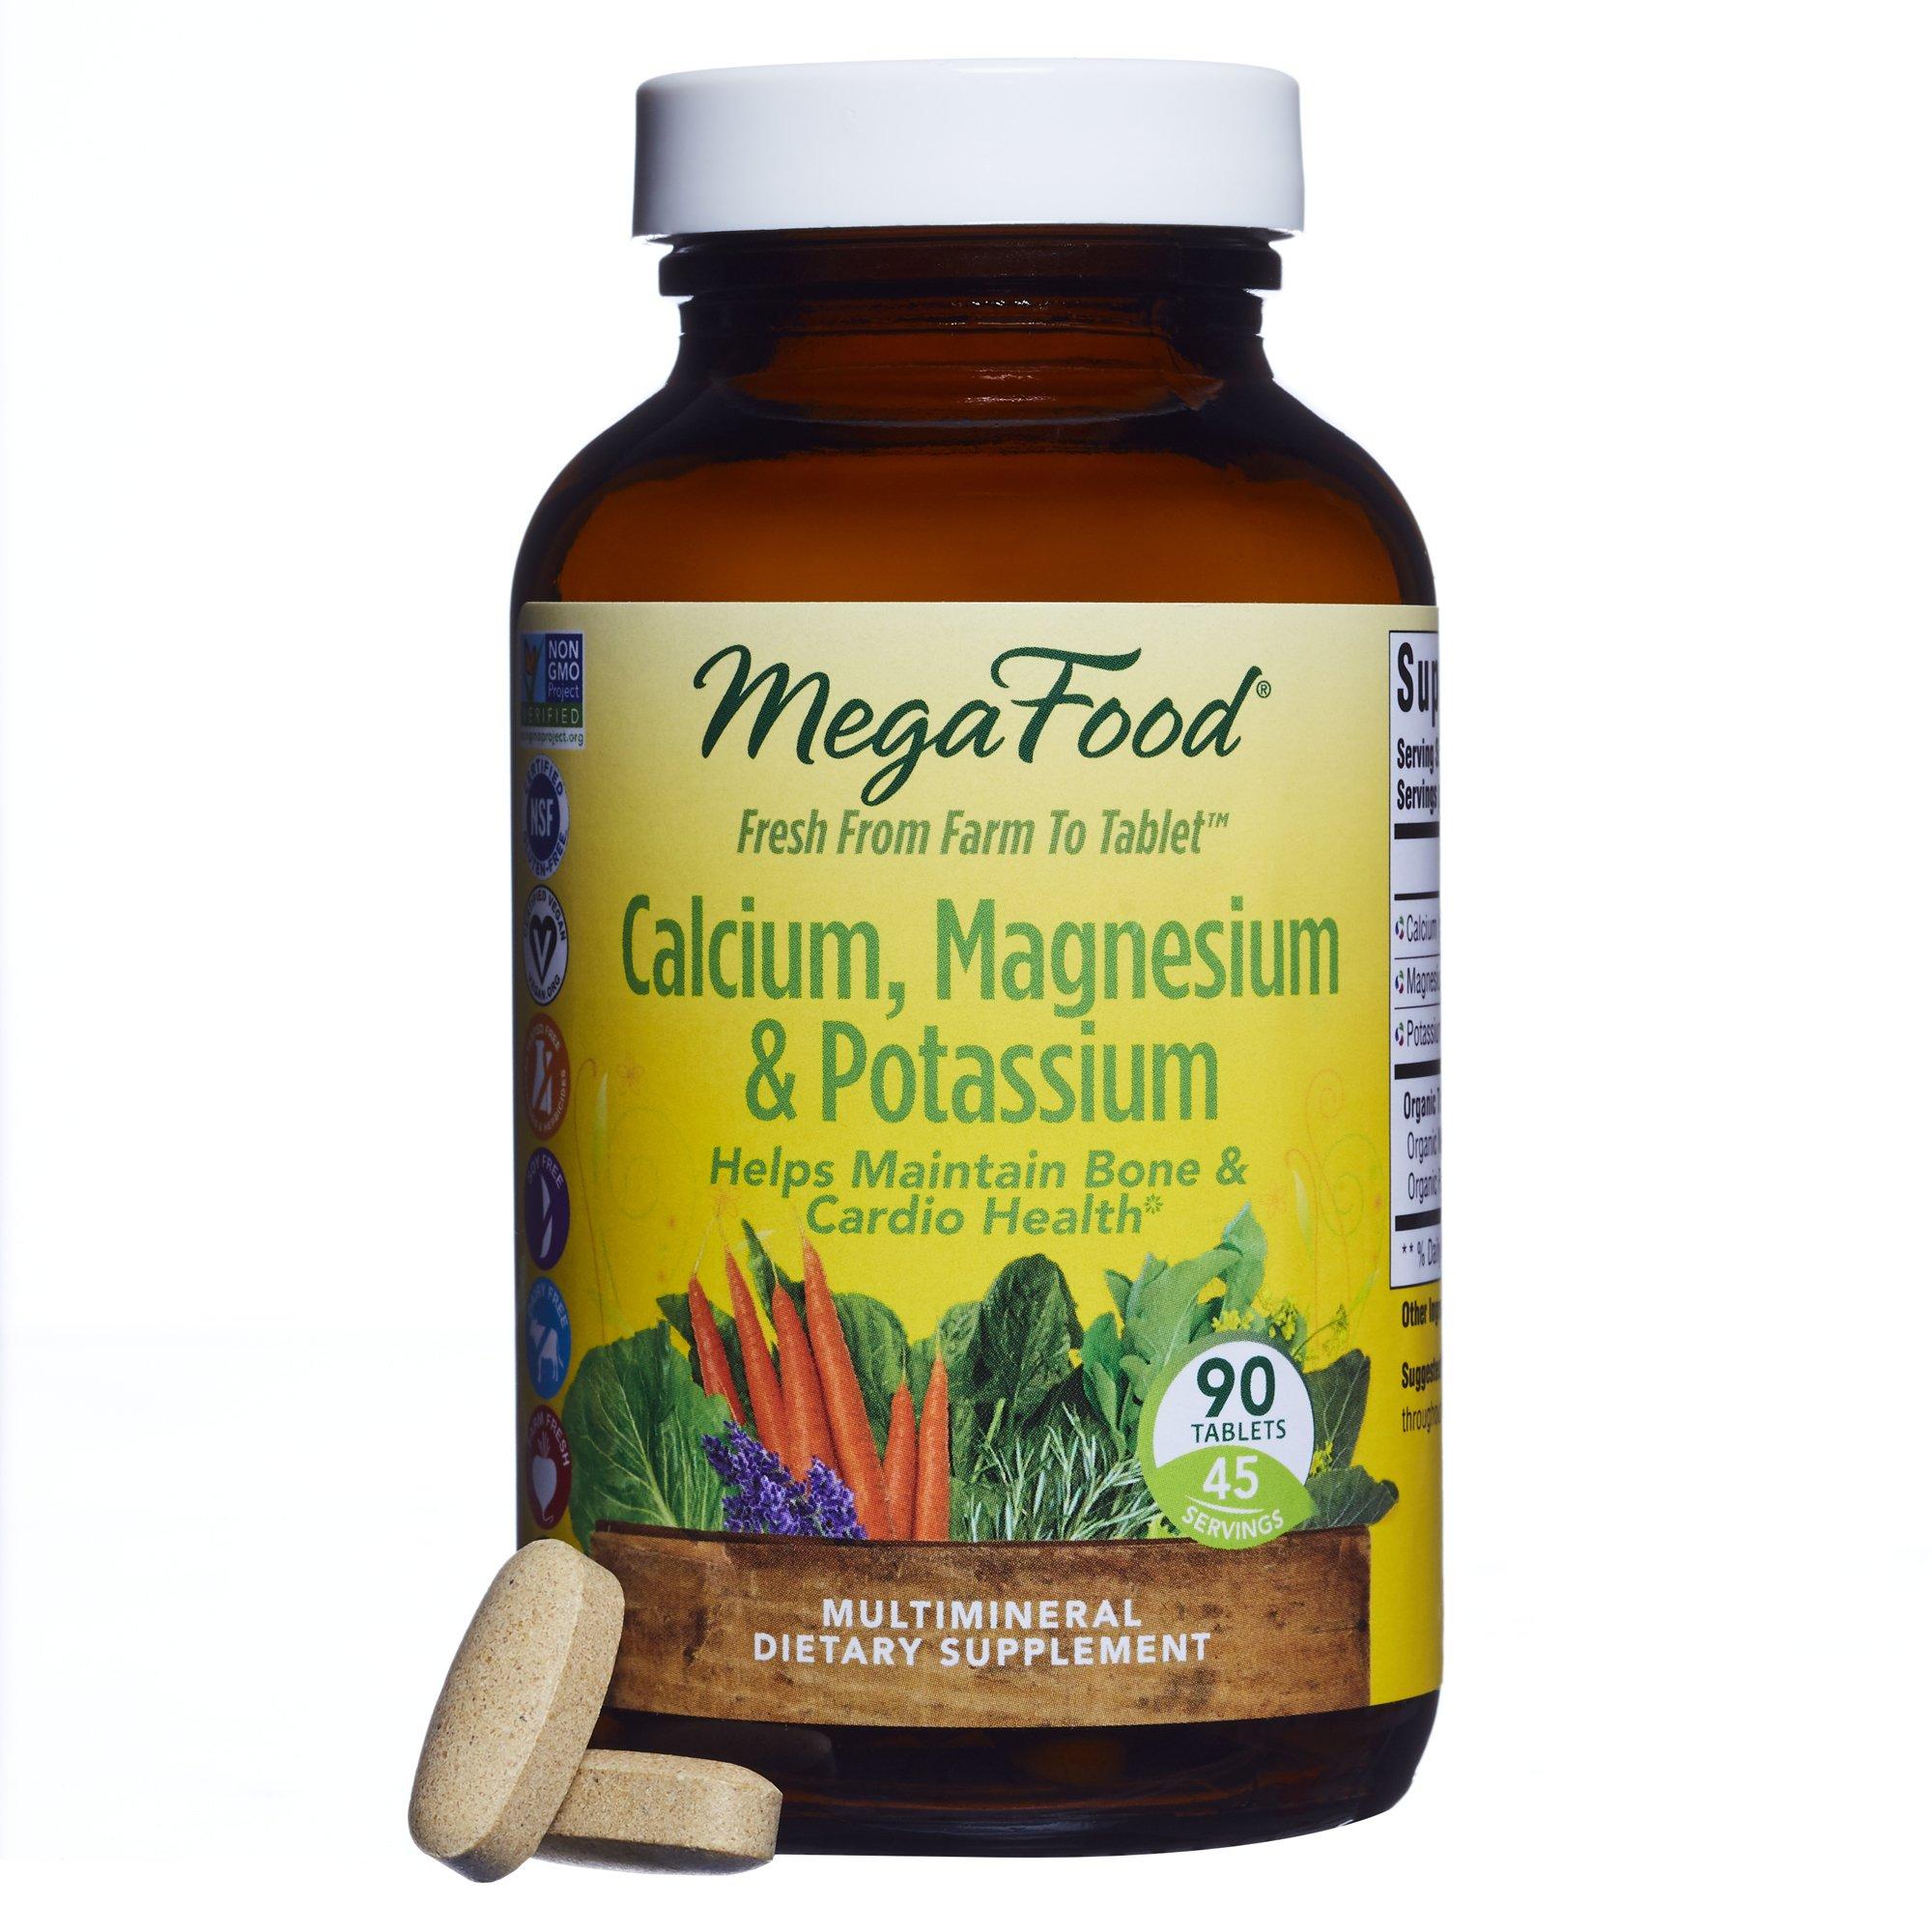 MegaFood - Calcium, Magnesium & Potassium, Supports Healthy Bones & Muscles, 90 Tablets (FFP)